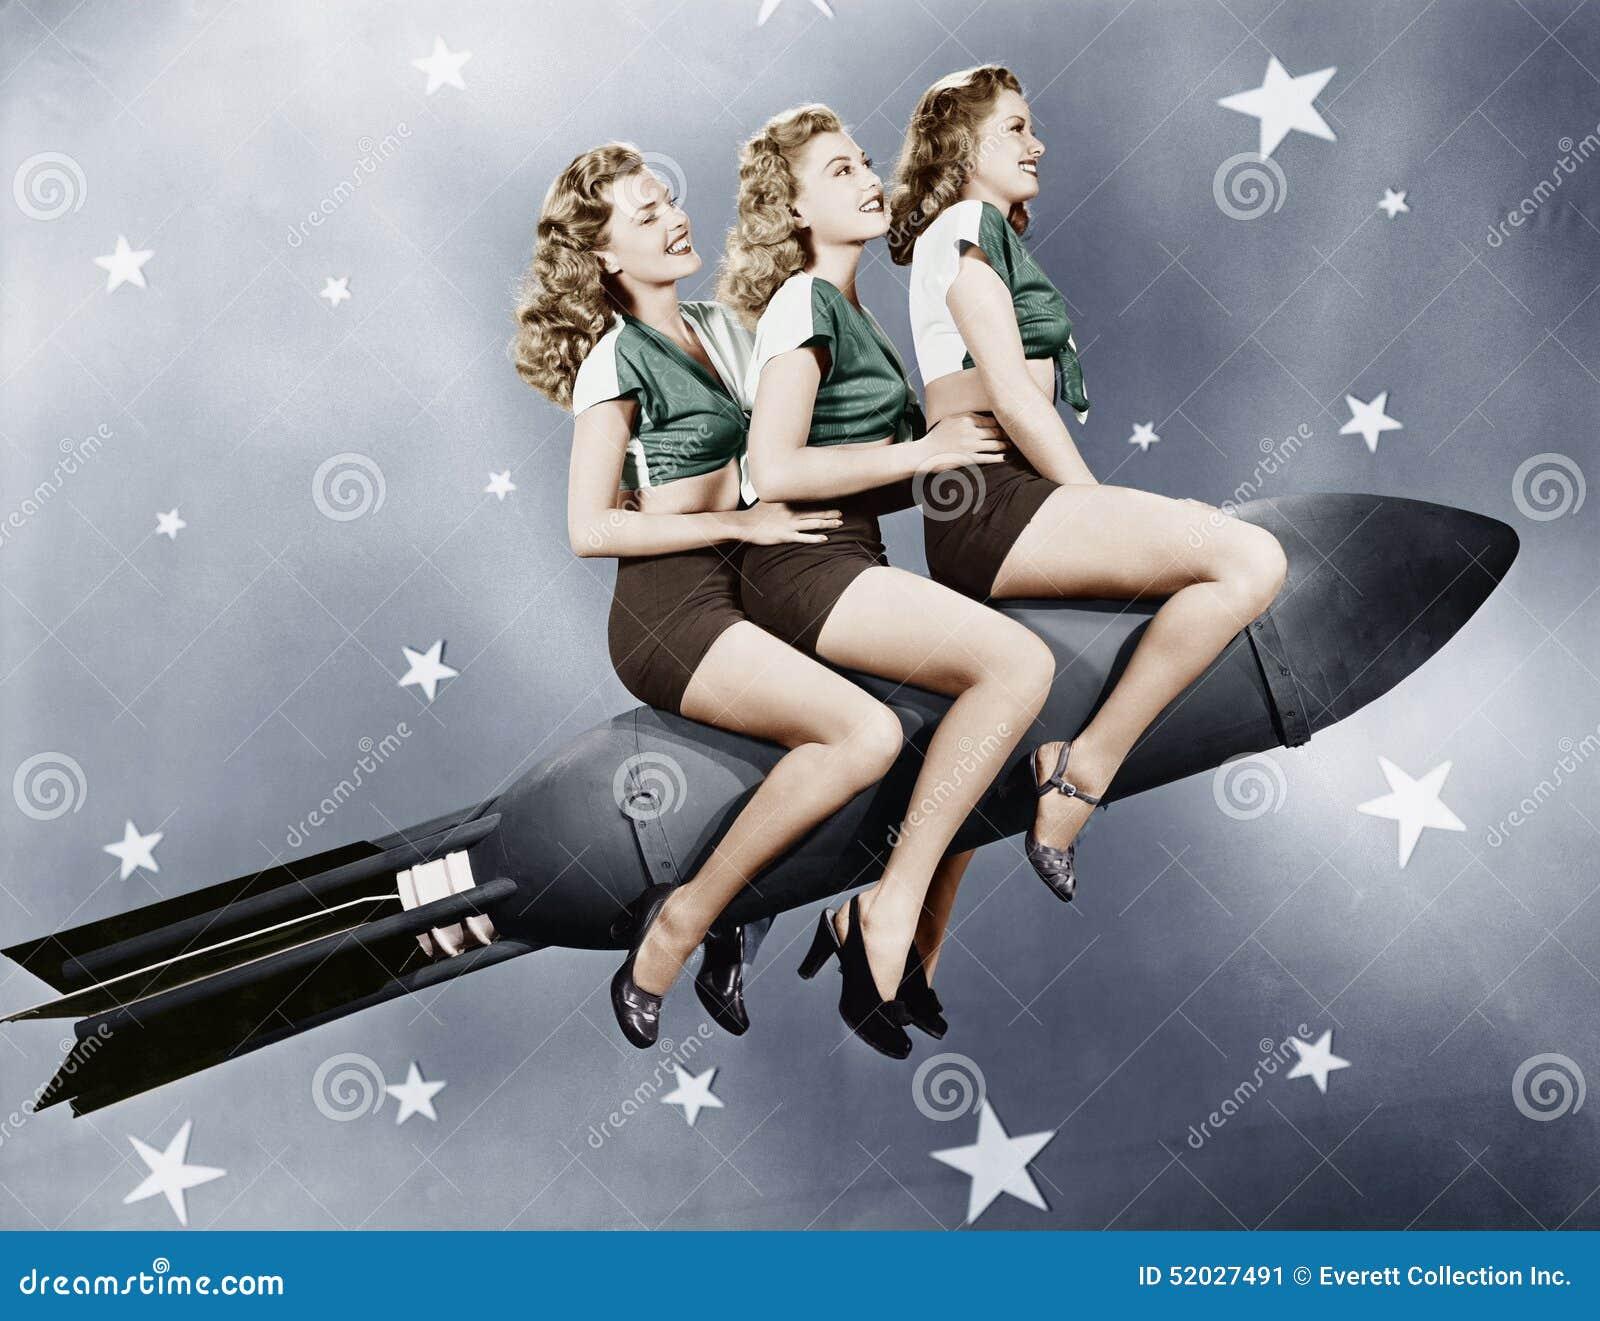 Τρεις γυναίκες που κάθονται σε έναν πύραυλο (όλα τα πρόσωπα που απεικονίζονται δεν ζουν περισσότερο και κανένα κτήμα δεν υπάρχει